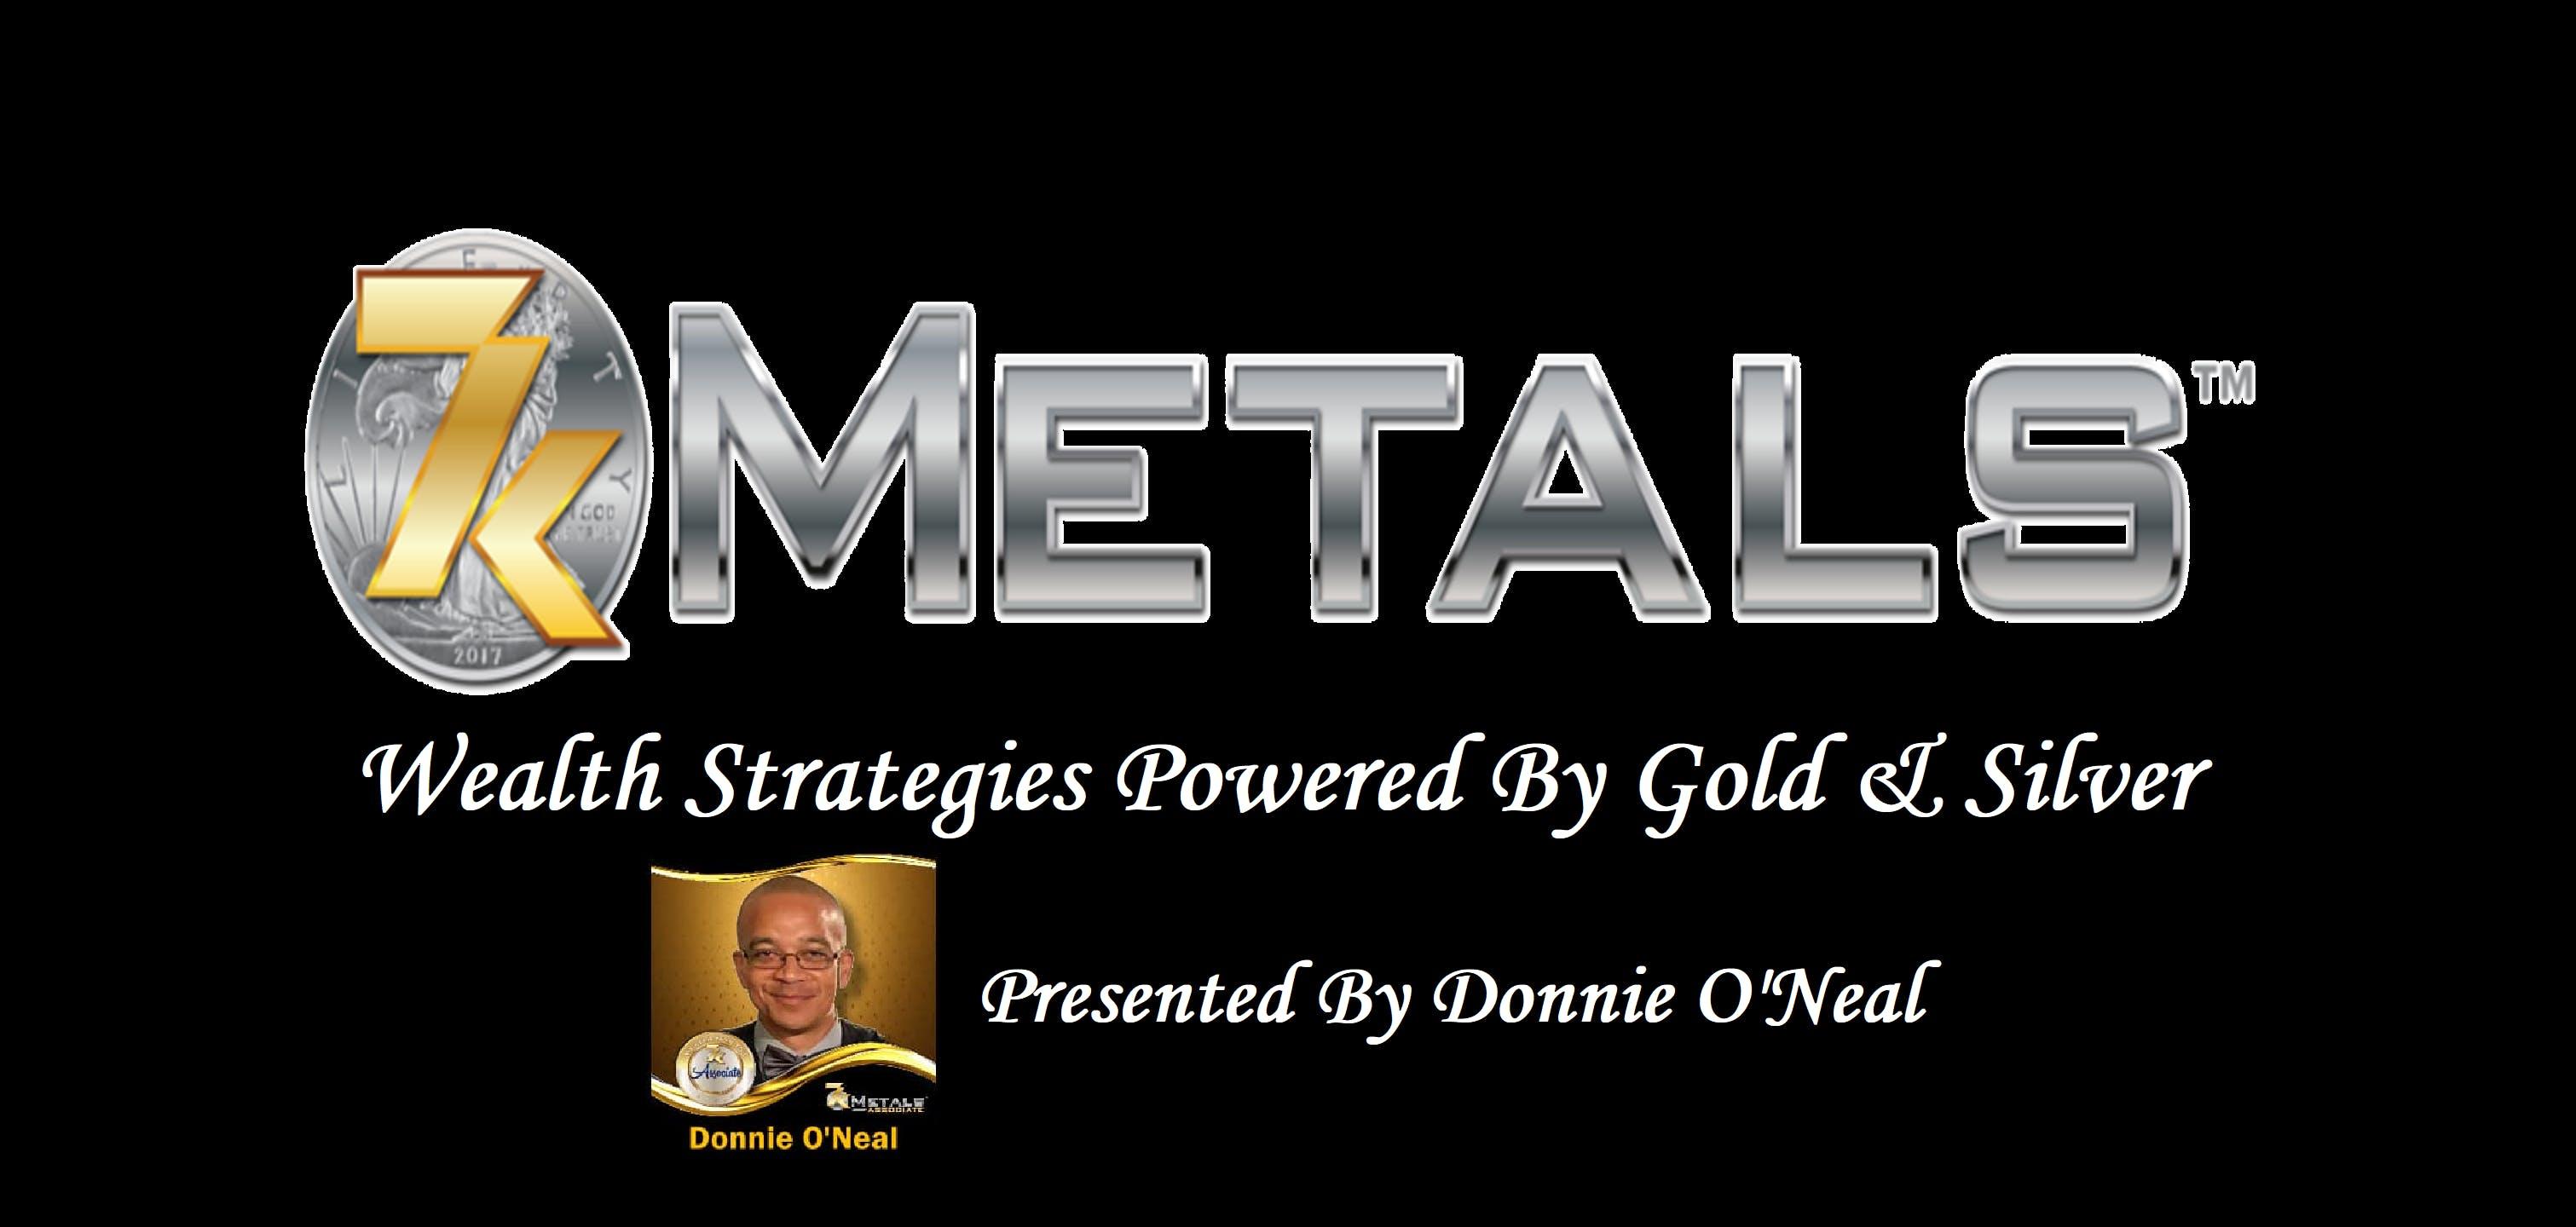 7k Metals Wealth Strategies Event